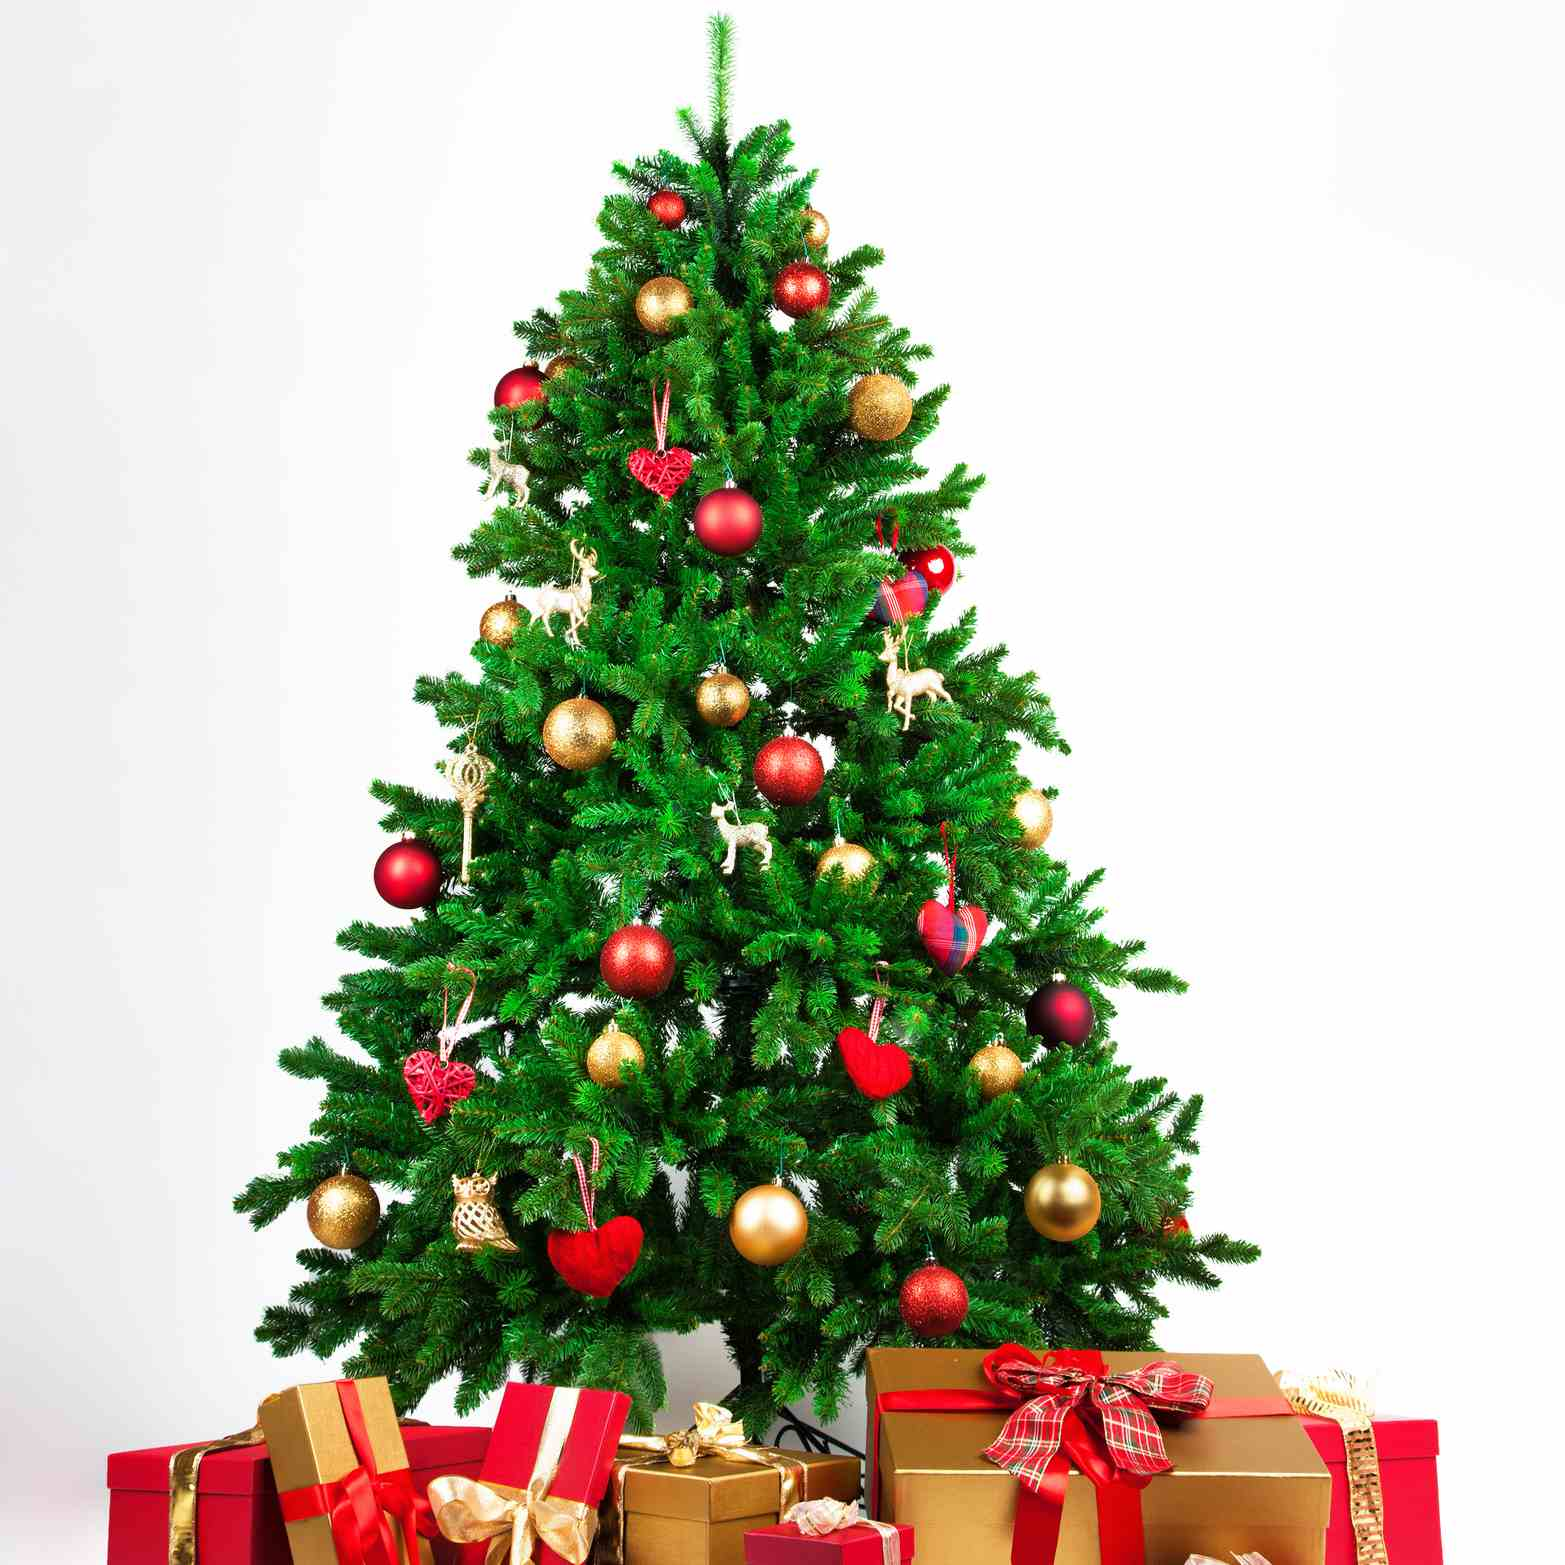 ChristmasTree-5ba295ecc9e77c00503fc3a4